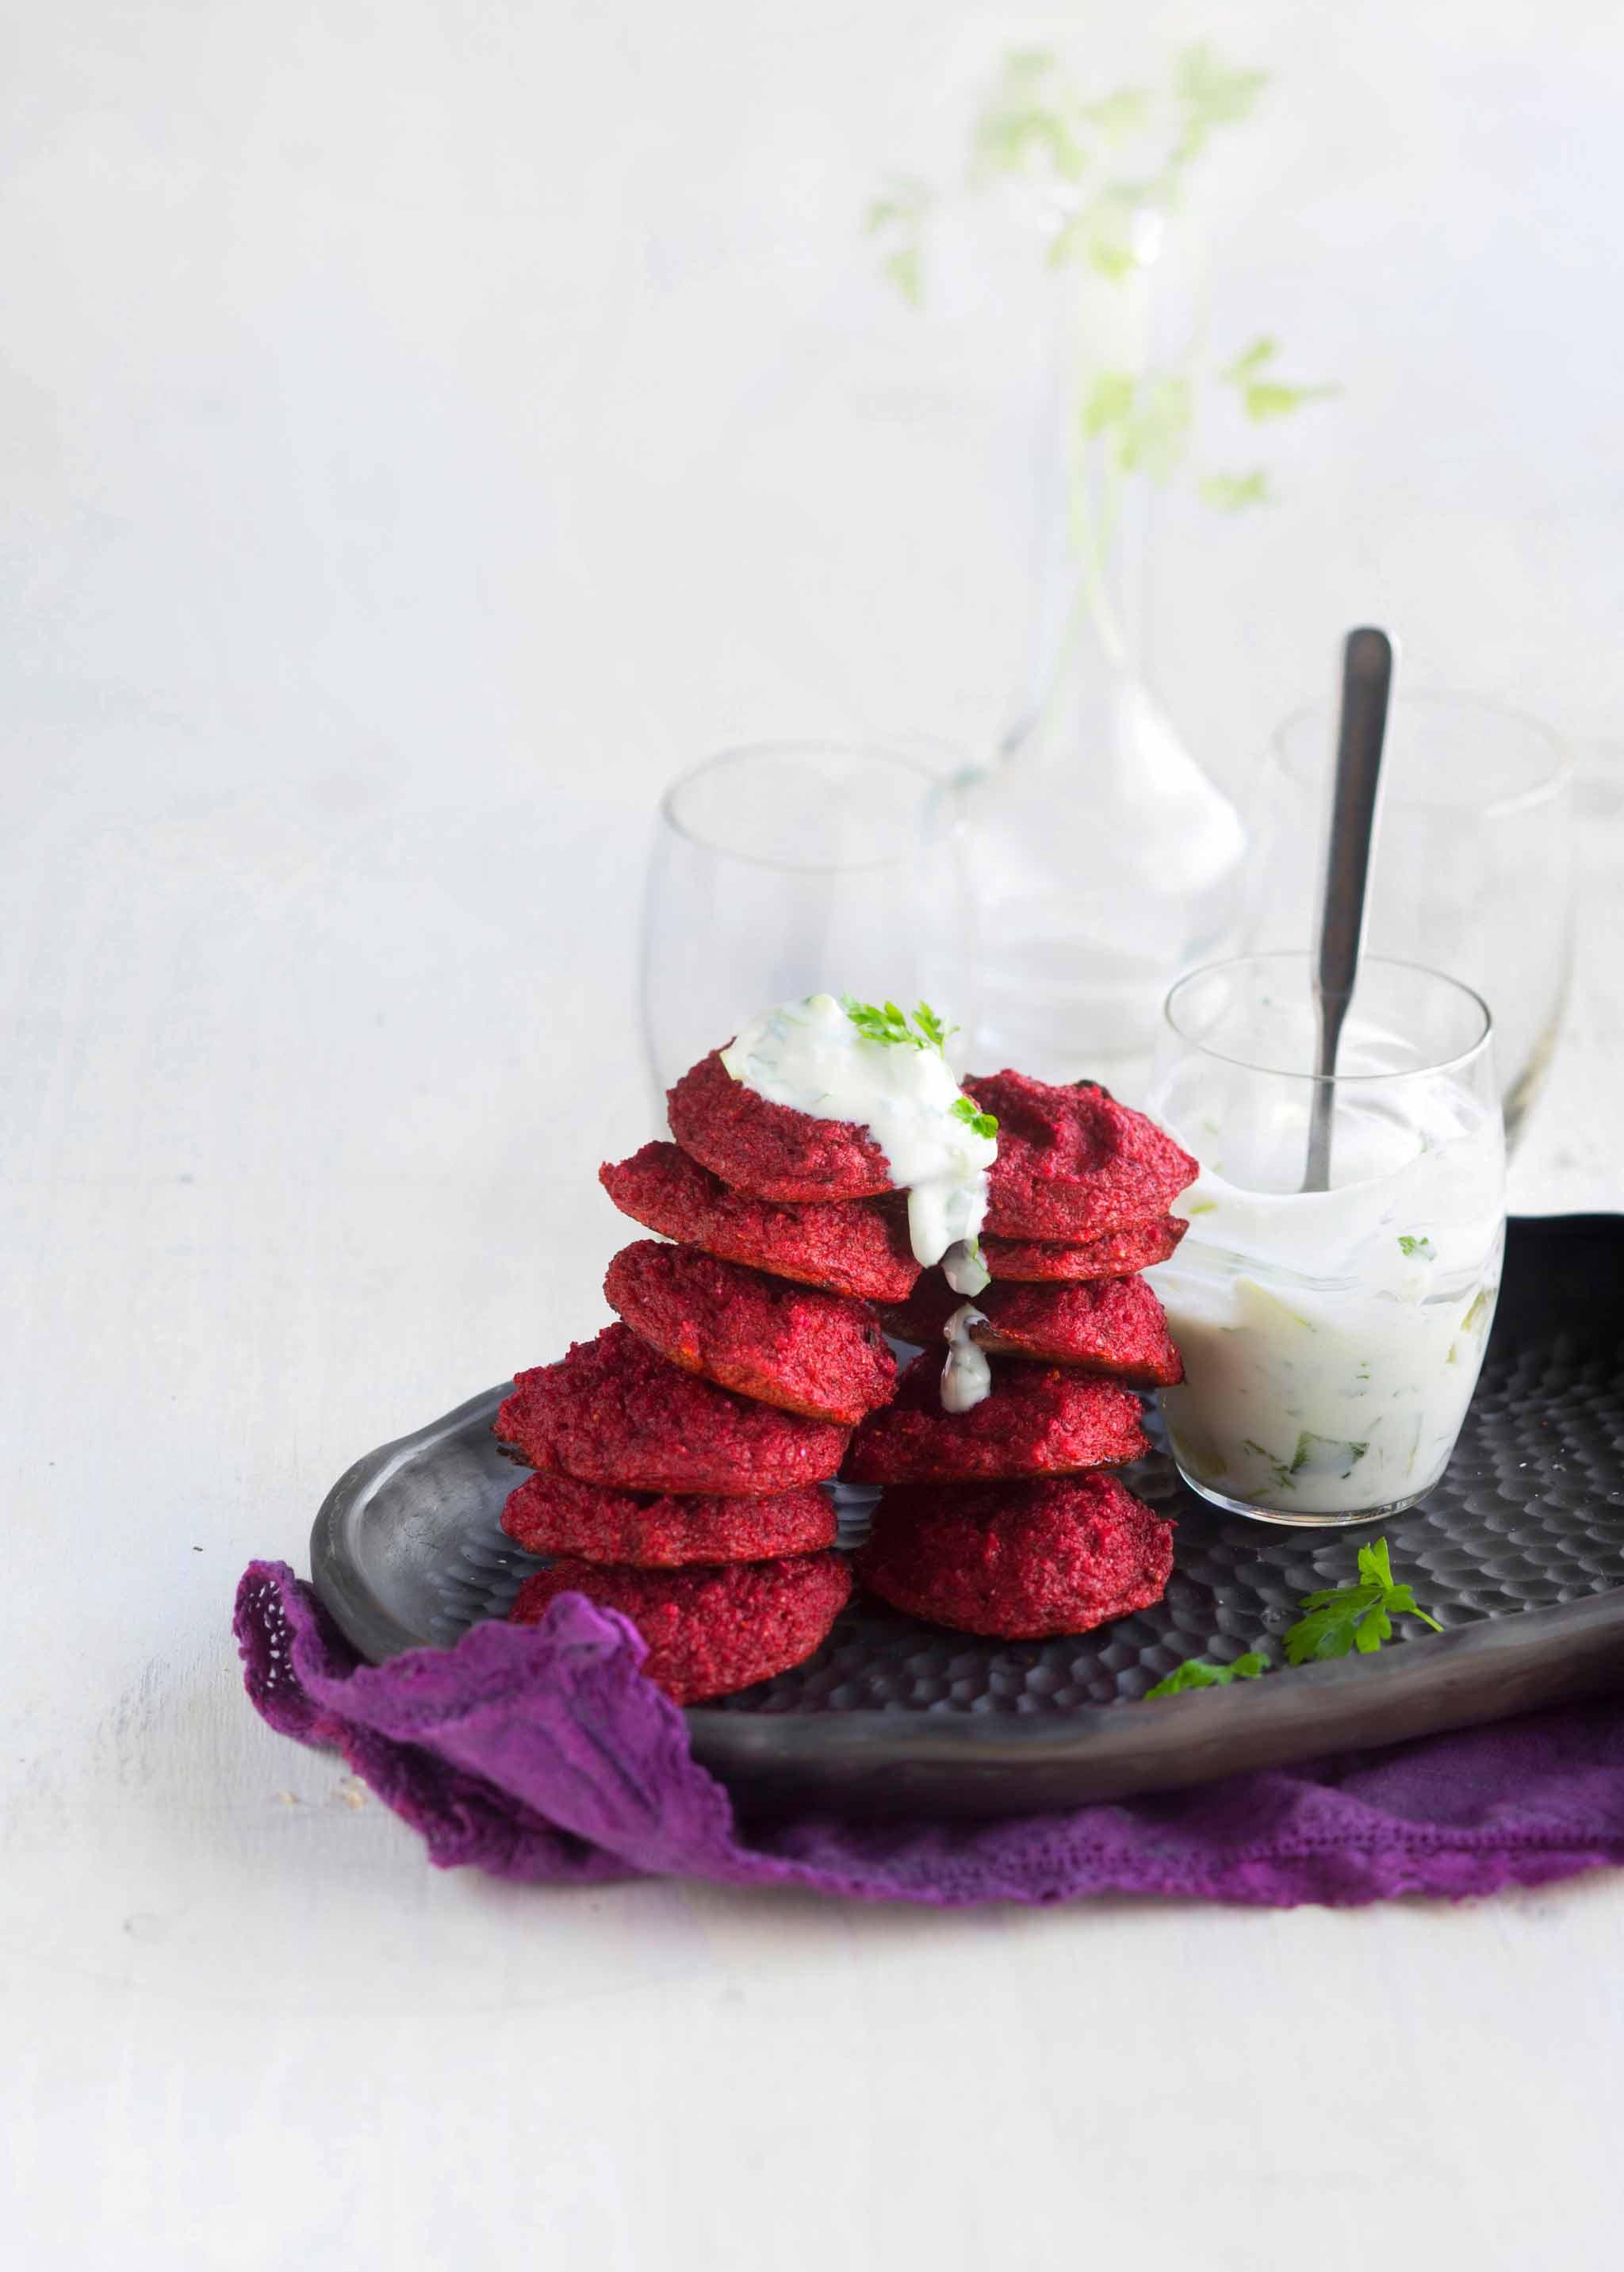 pienet punajuuripihvit ja jogurttikastike